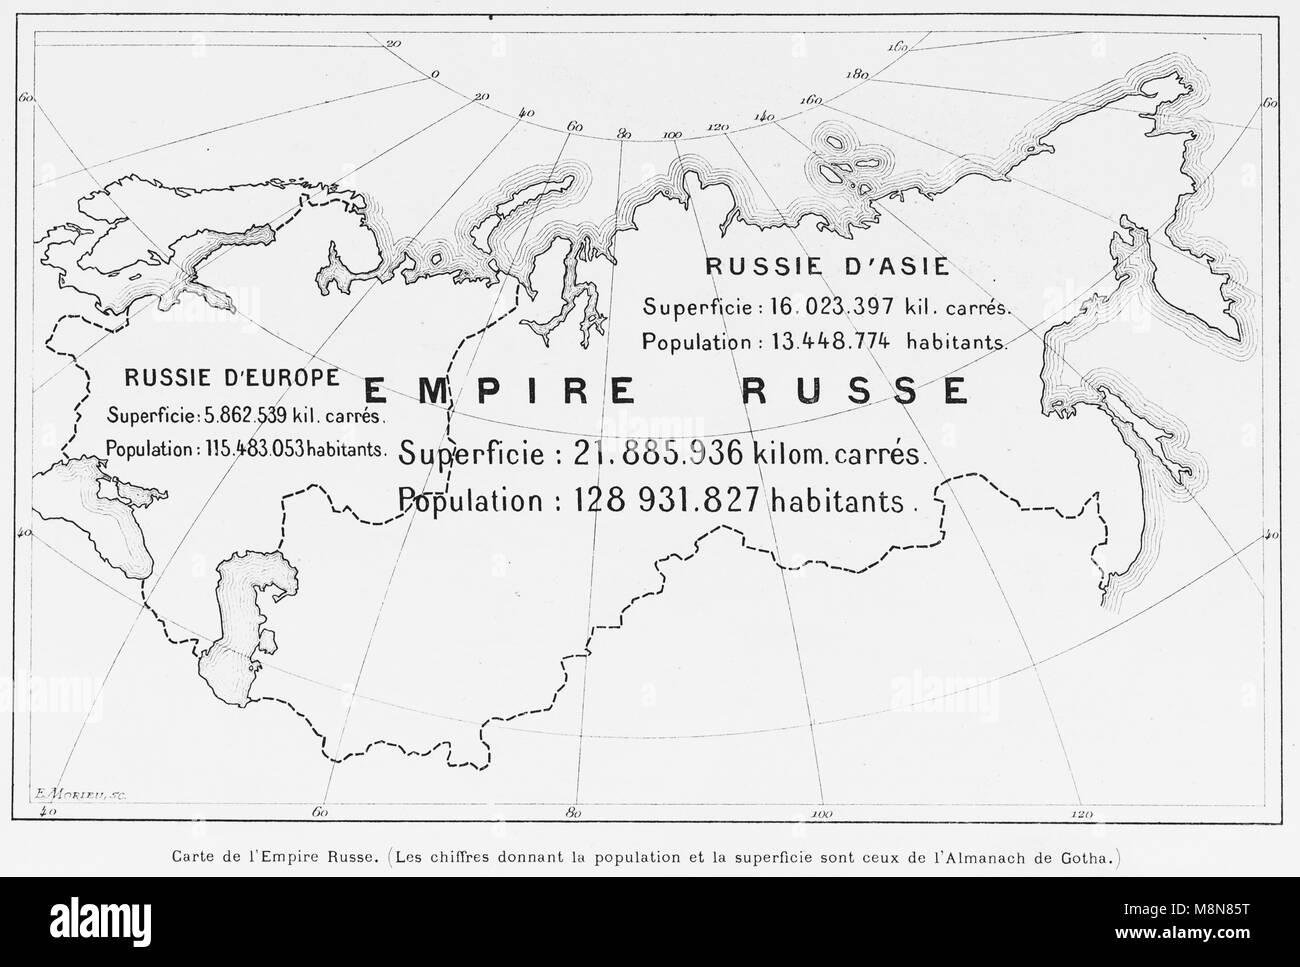 Mapa del Imperio Ruso en 1900, Imagen del semanario francés l'Illustration, 27 de octubre de 1900 Imagen De Stock